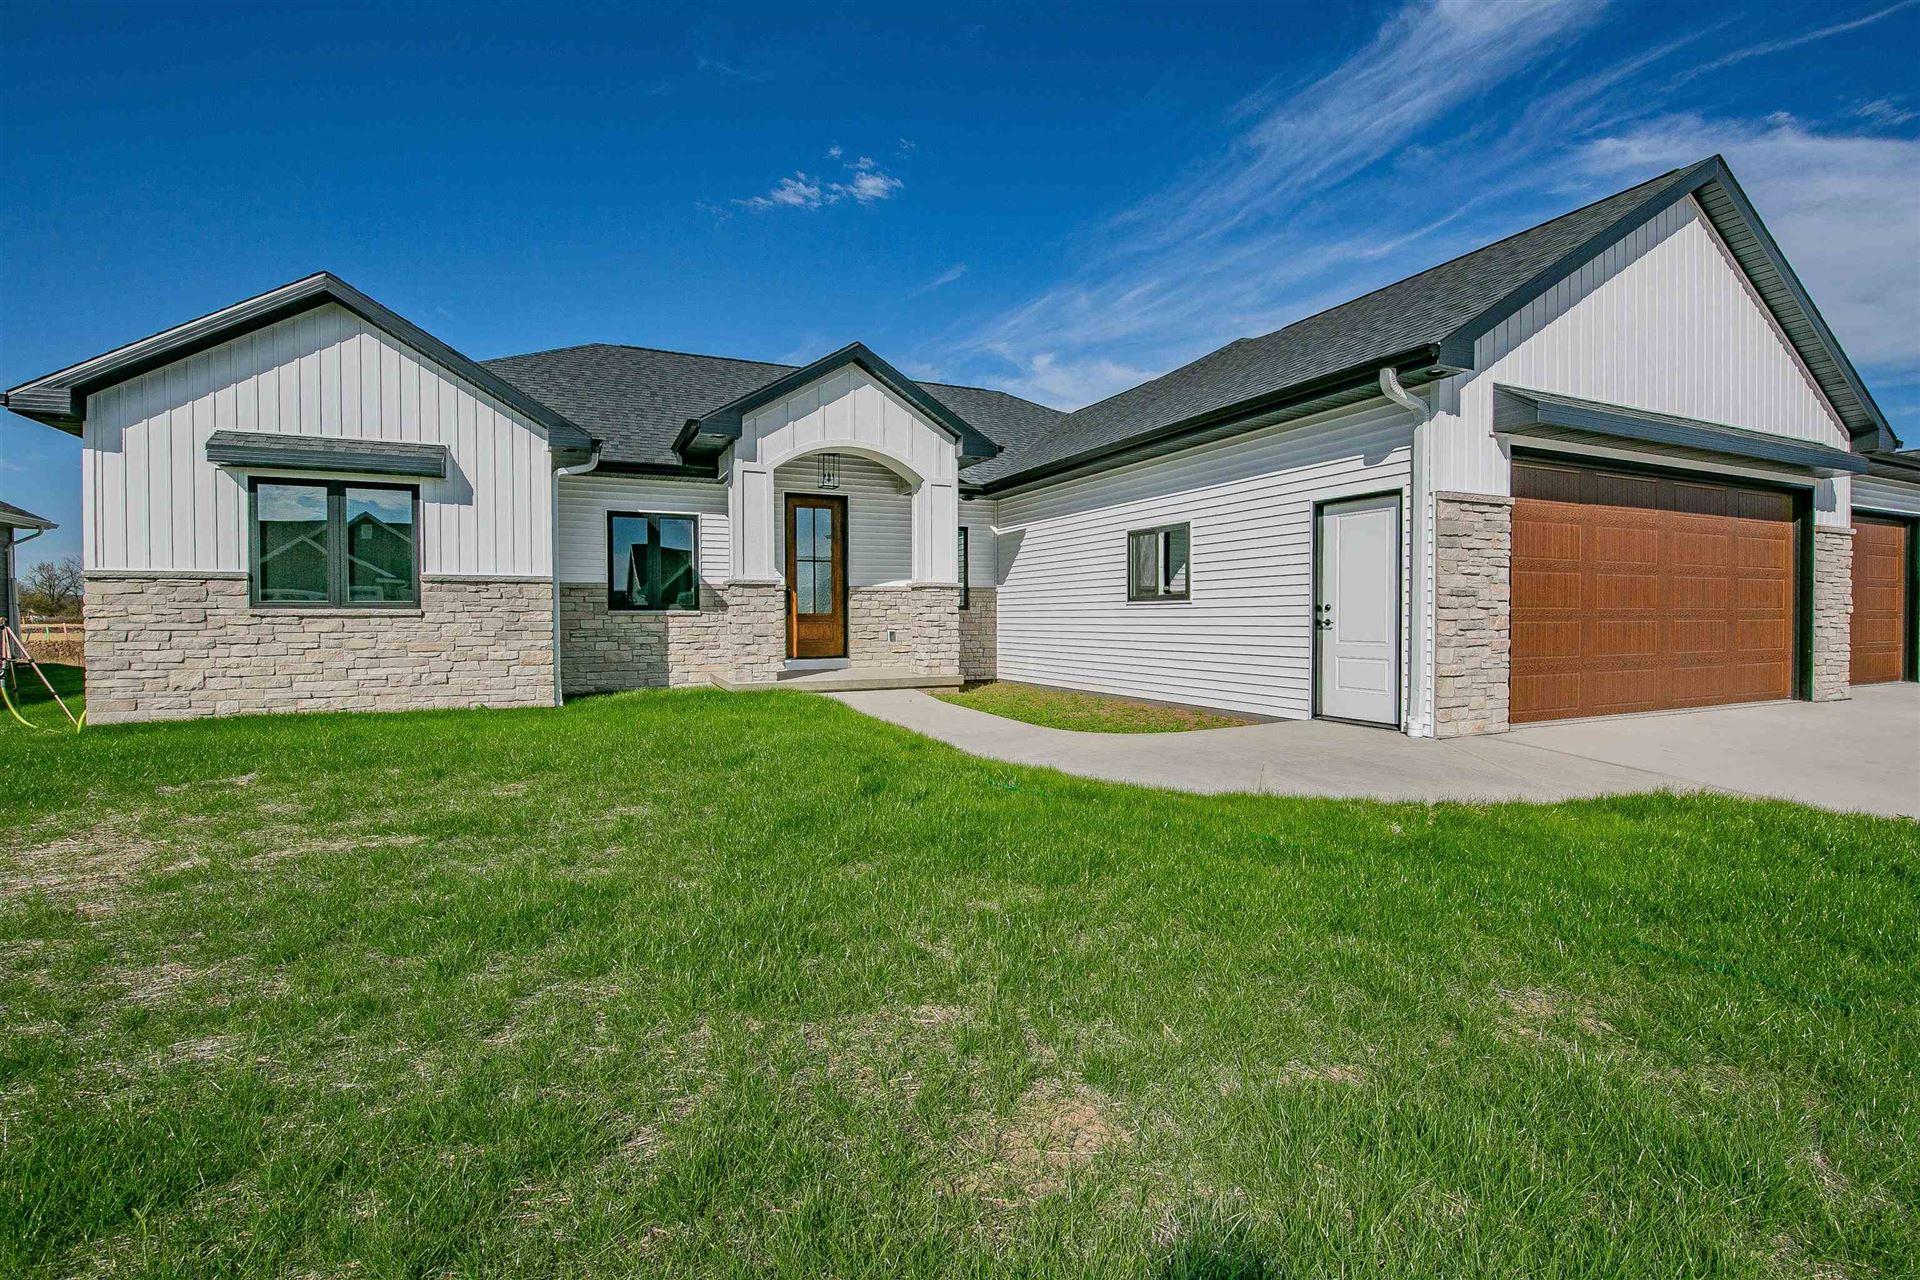 2925 E BLUETOPAZ Drive, Appleton, WI 54913 - MLS#: 50249980